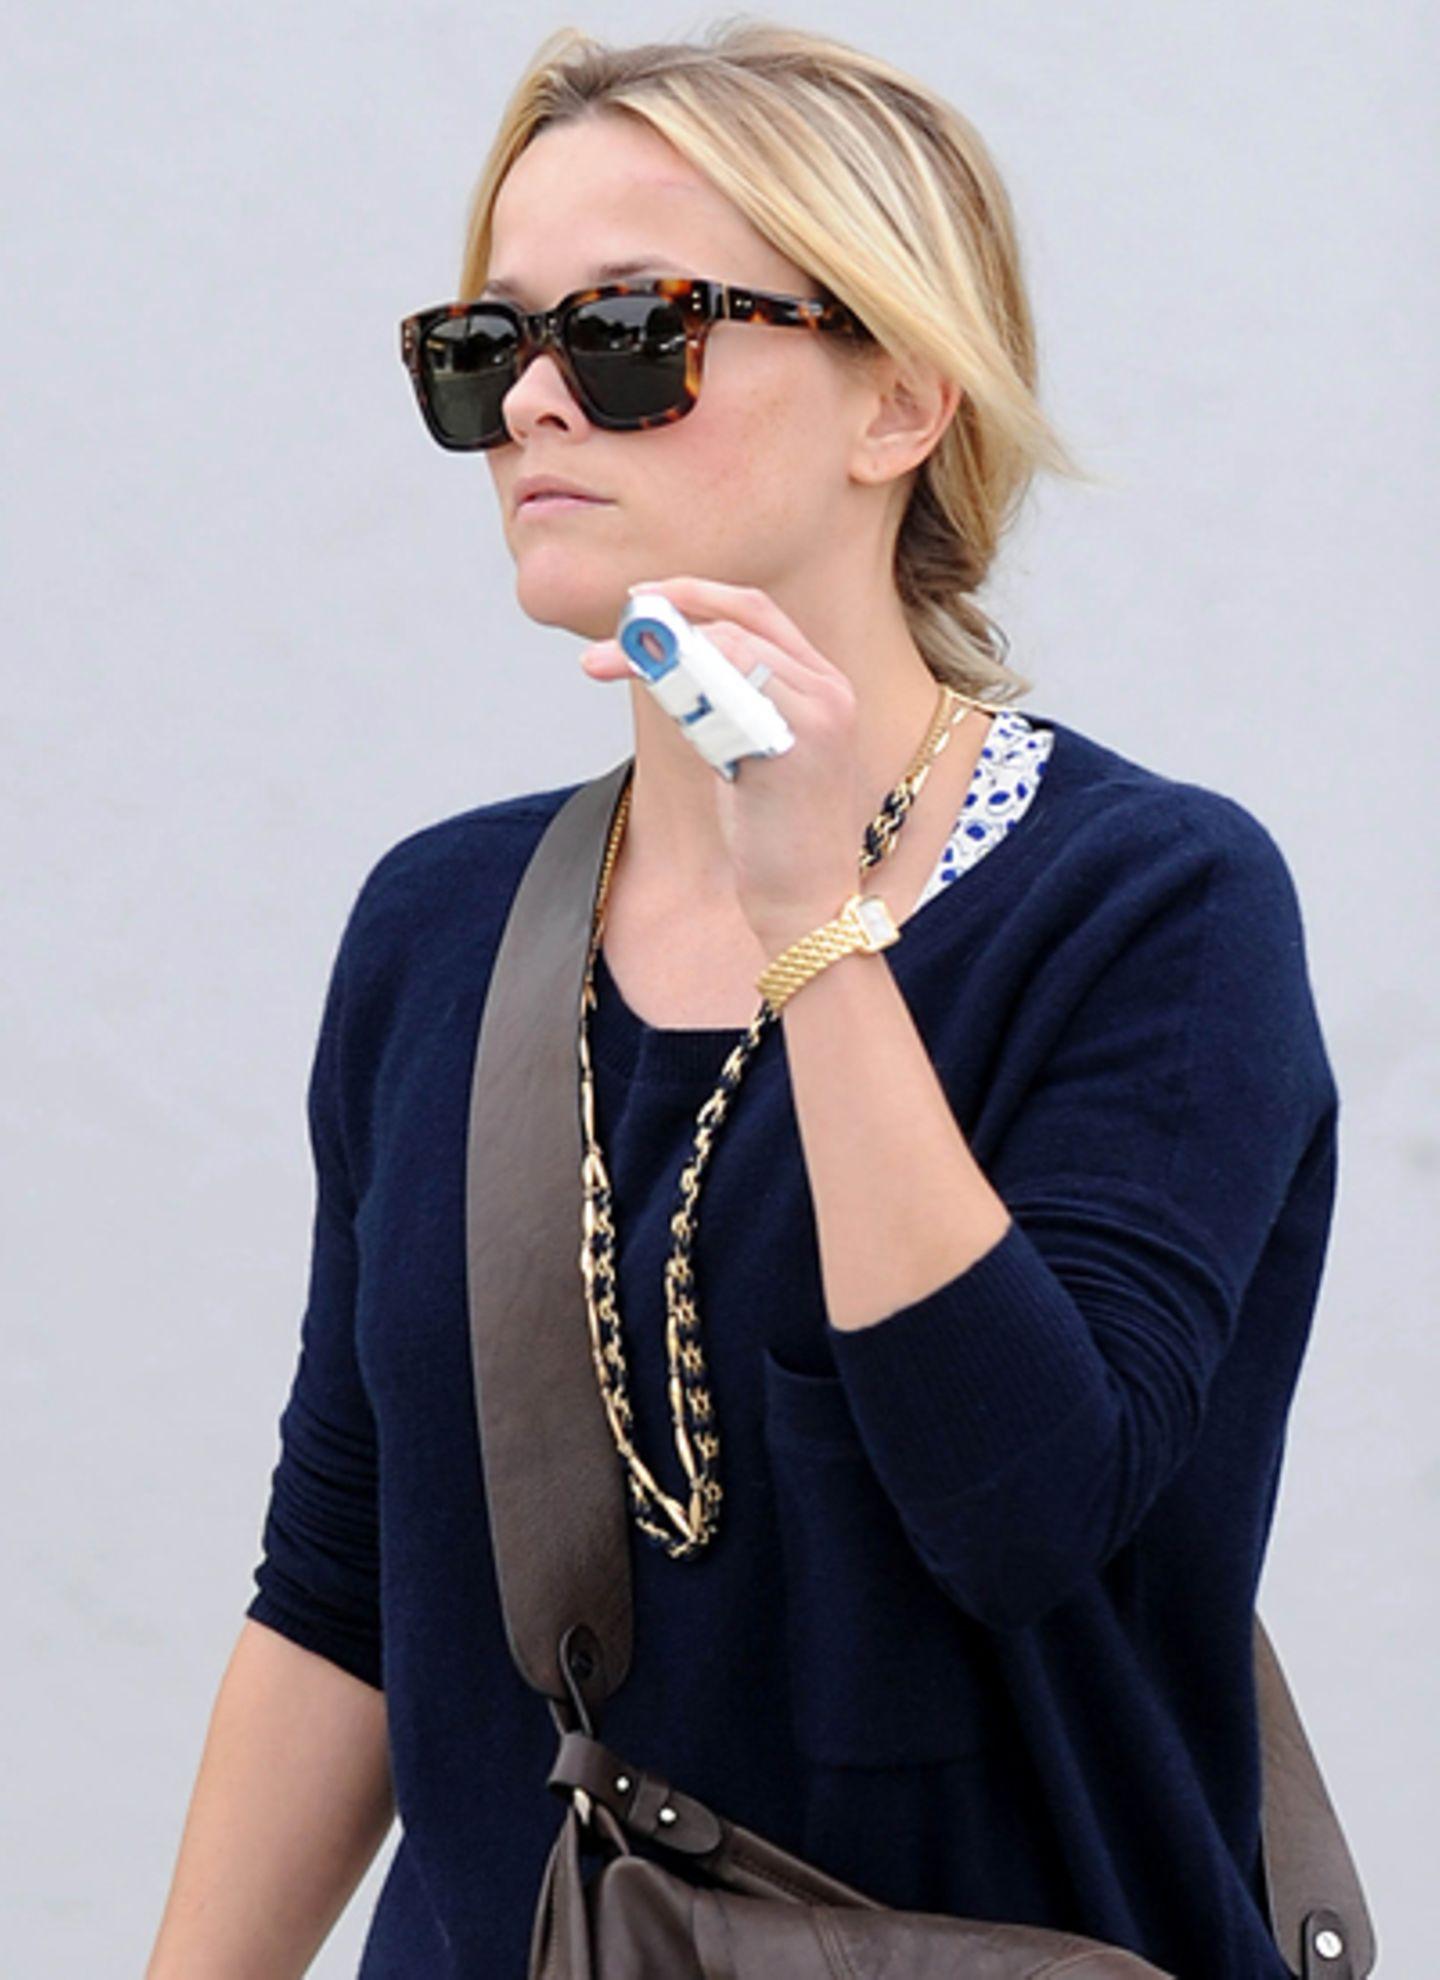 28. November 2011: Pechvogel Reese Witherspoon ist in Brentwood mit einem verletzten Finger zu sehen.